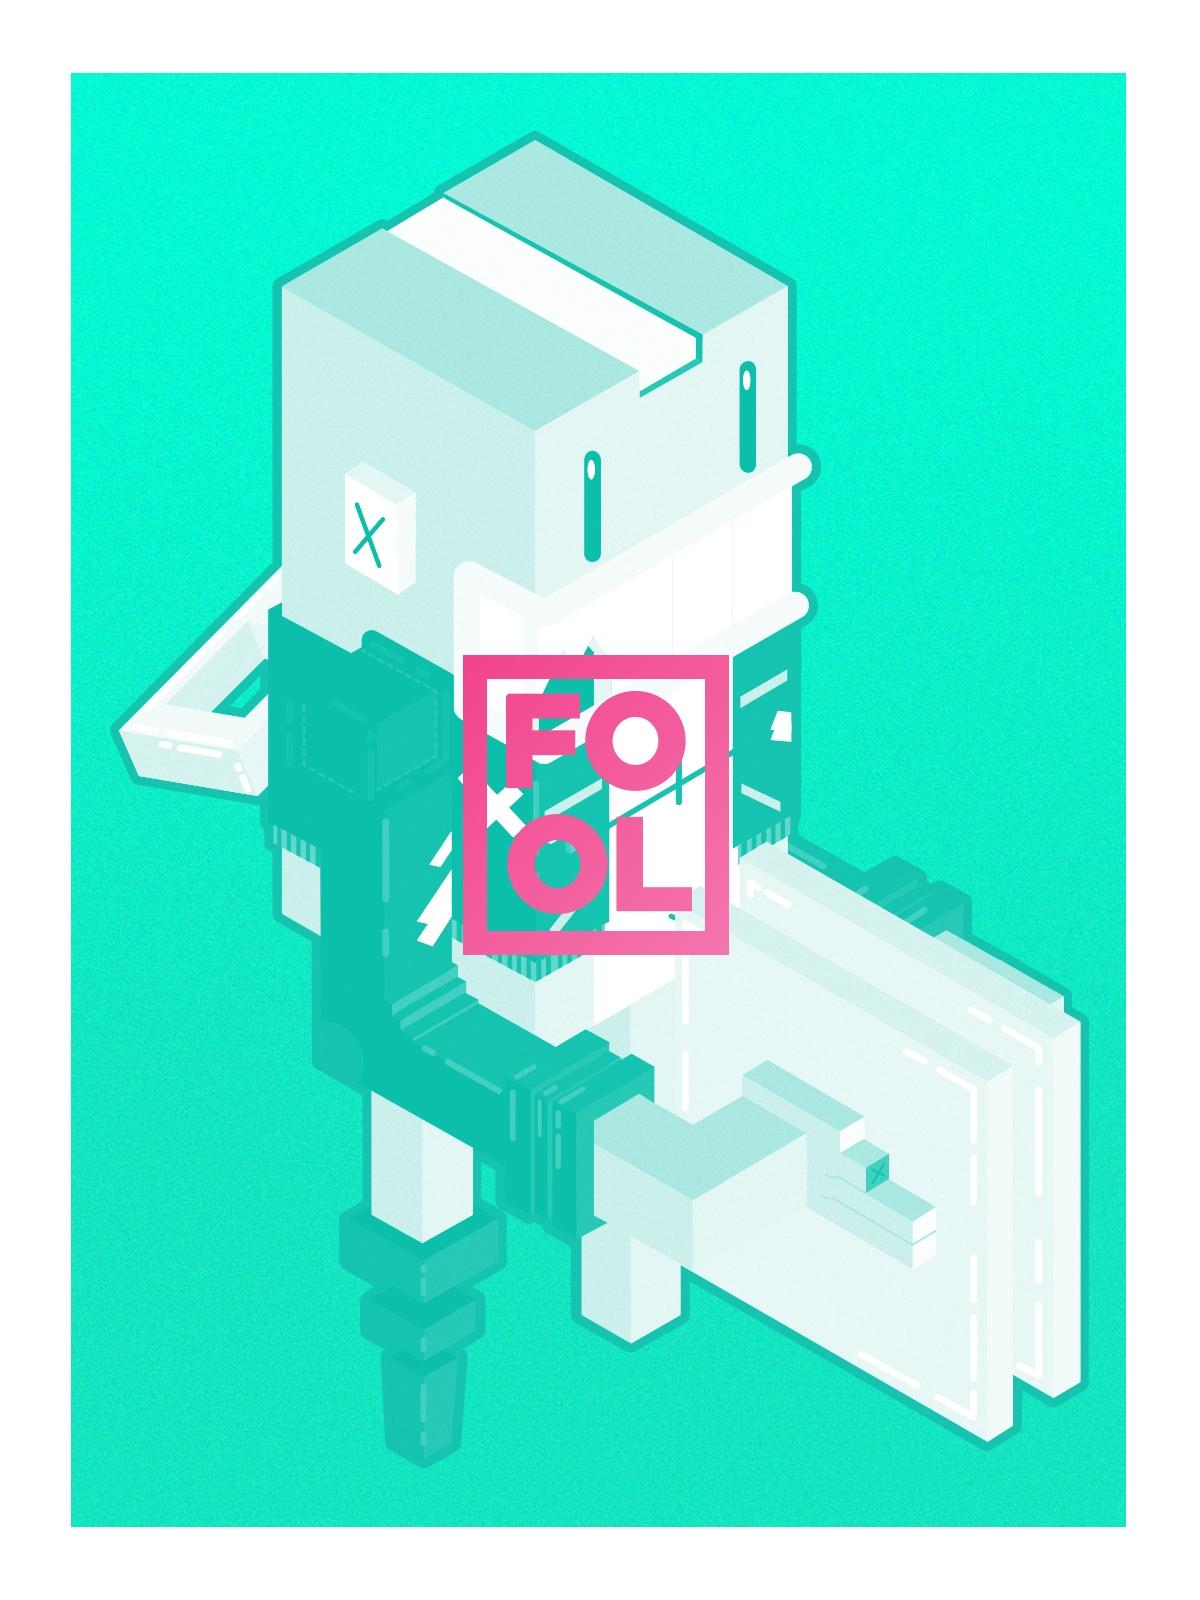 Symbal punk v2 - characterdesign - deadamigo | ello